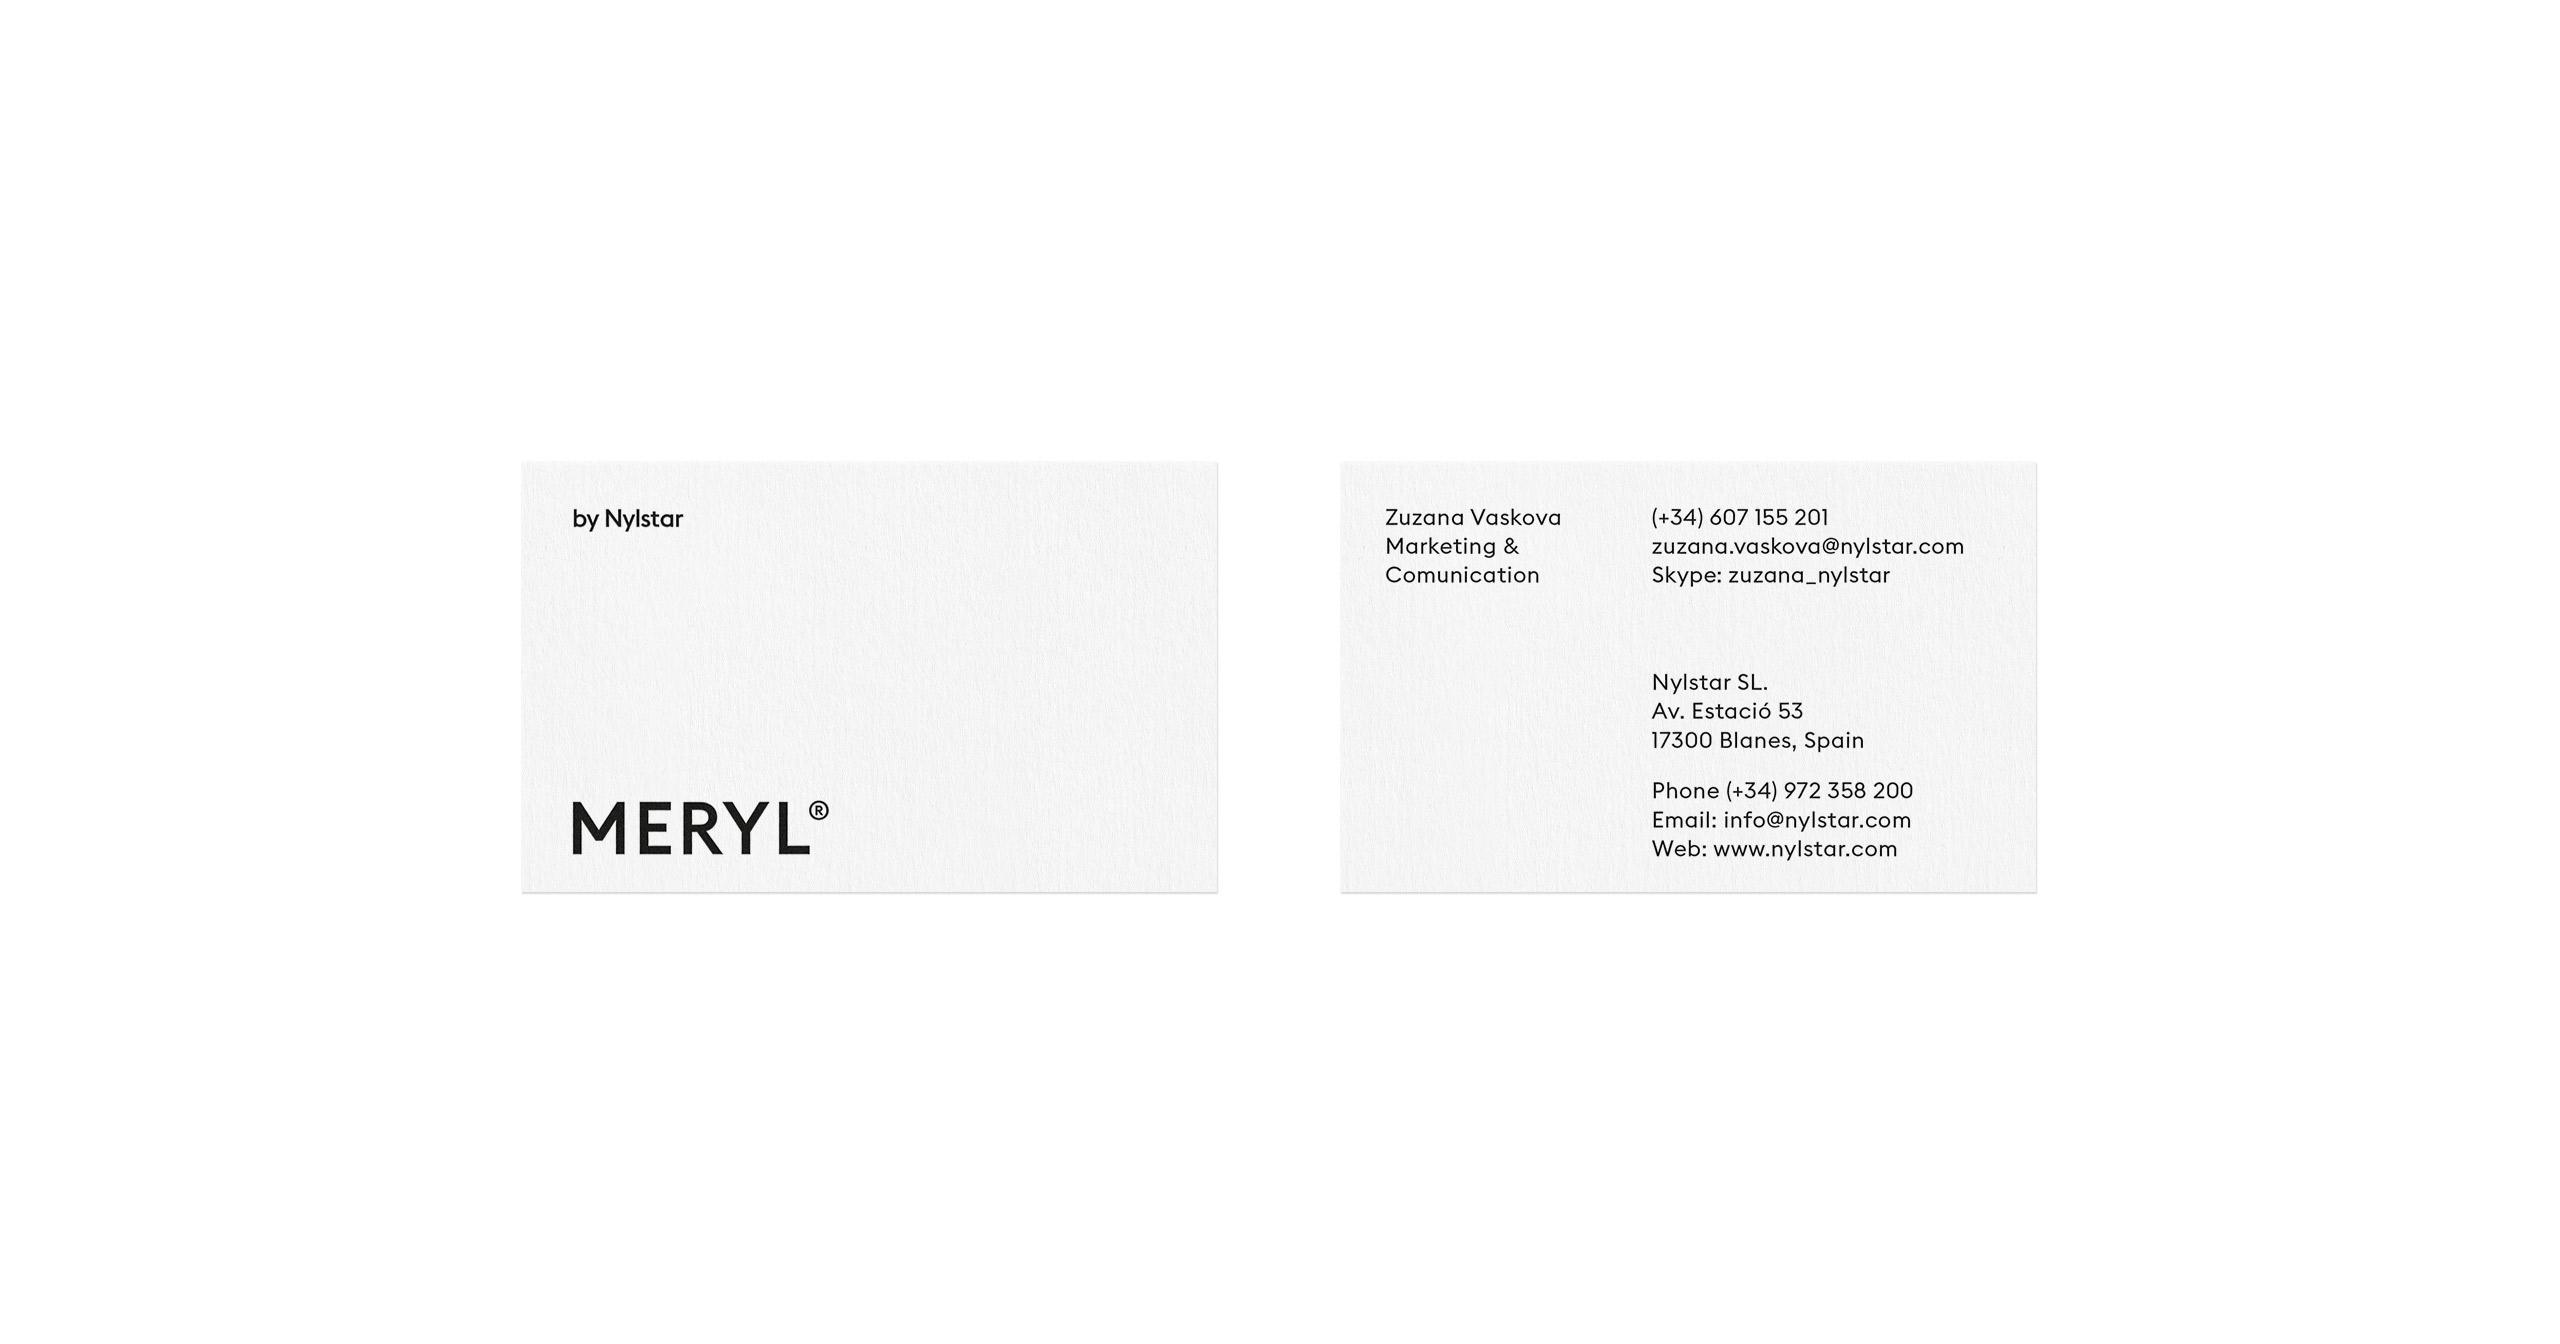 Fase, estudio de diseño gráfico. Identidad corporativa Meryl. Tarjeta.